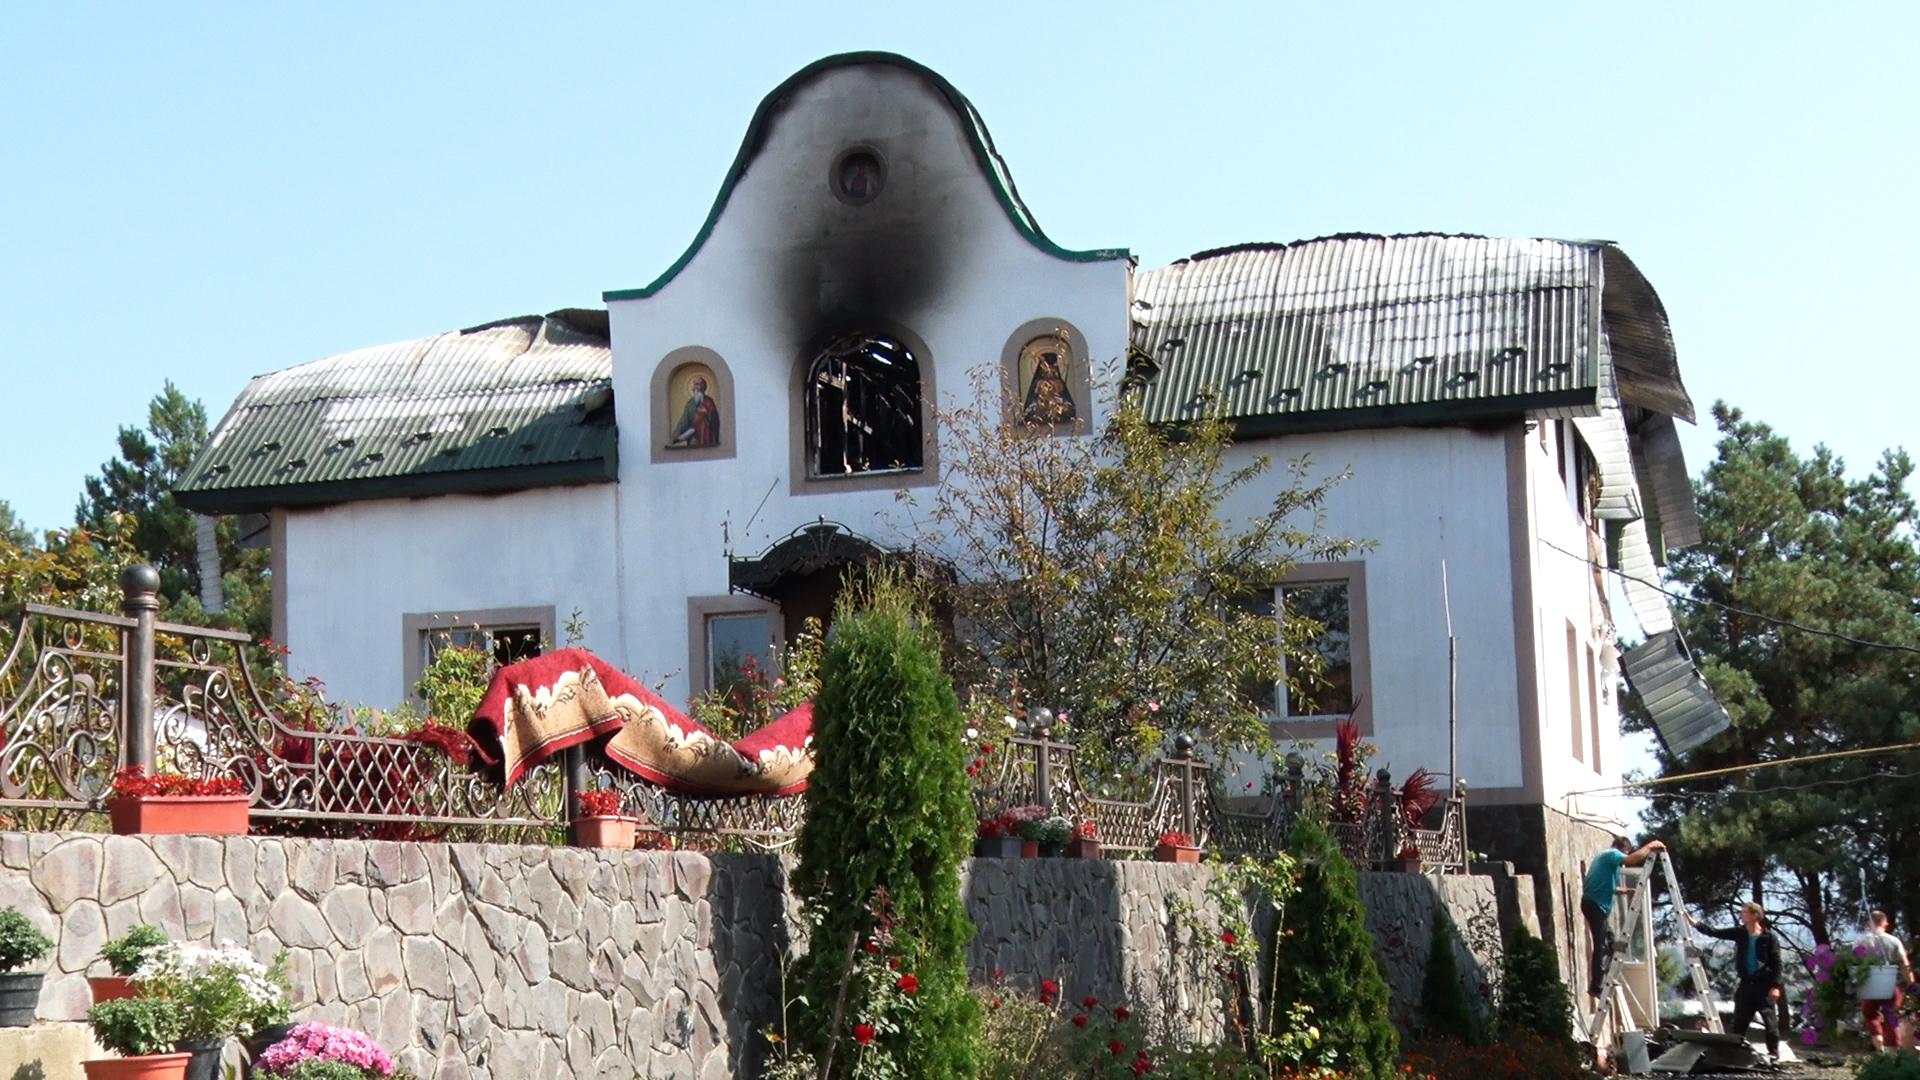 Нічна пожежа у монастирі: вогонь знищив оселю монахів у Сільці